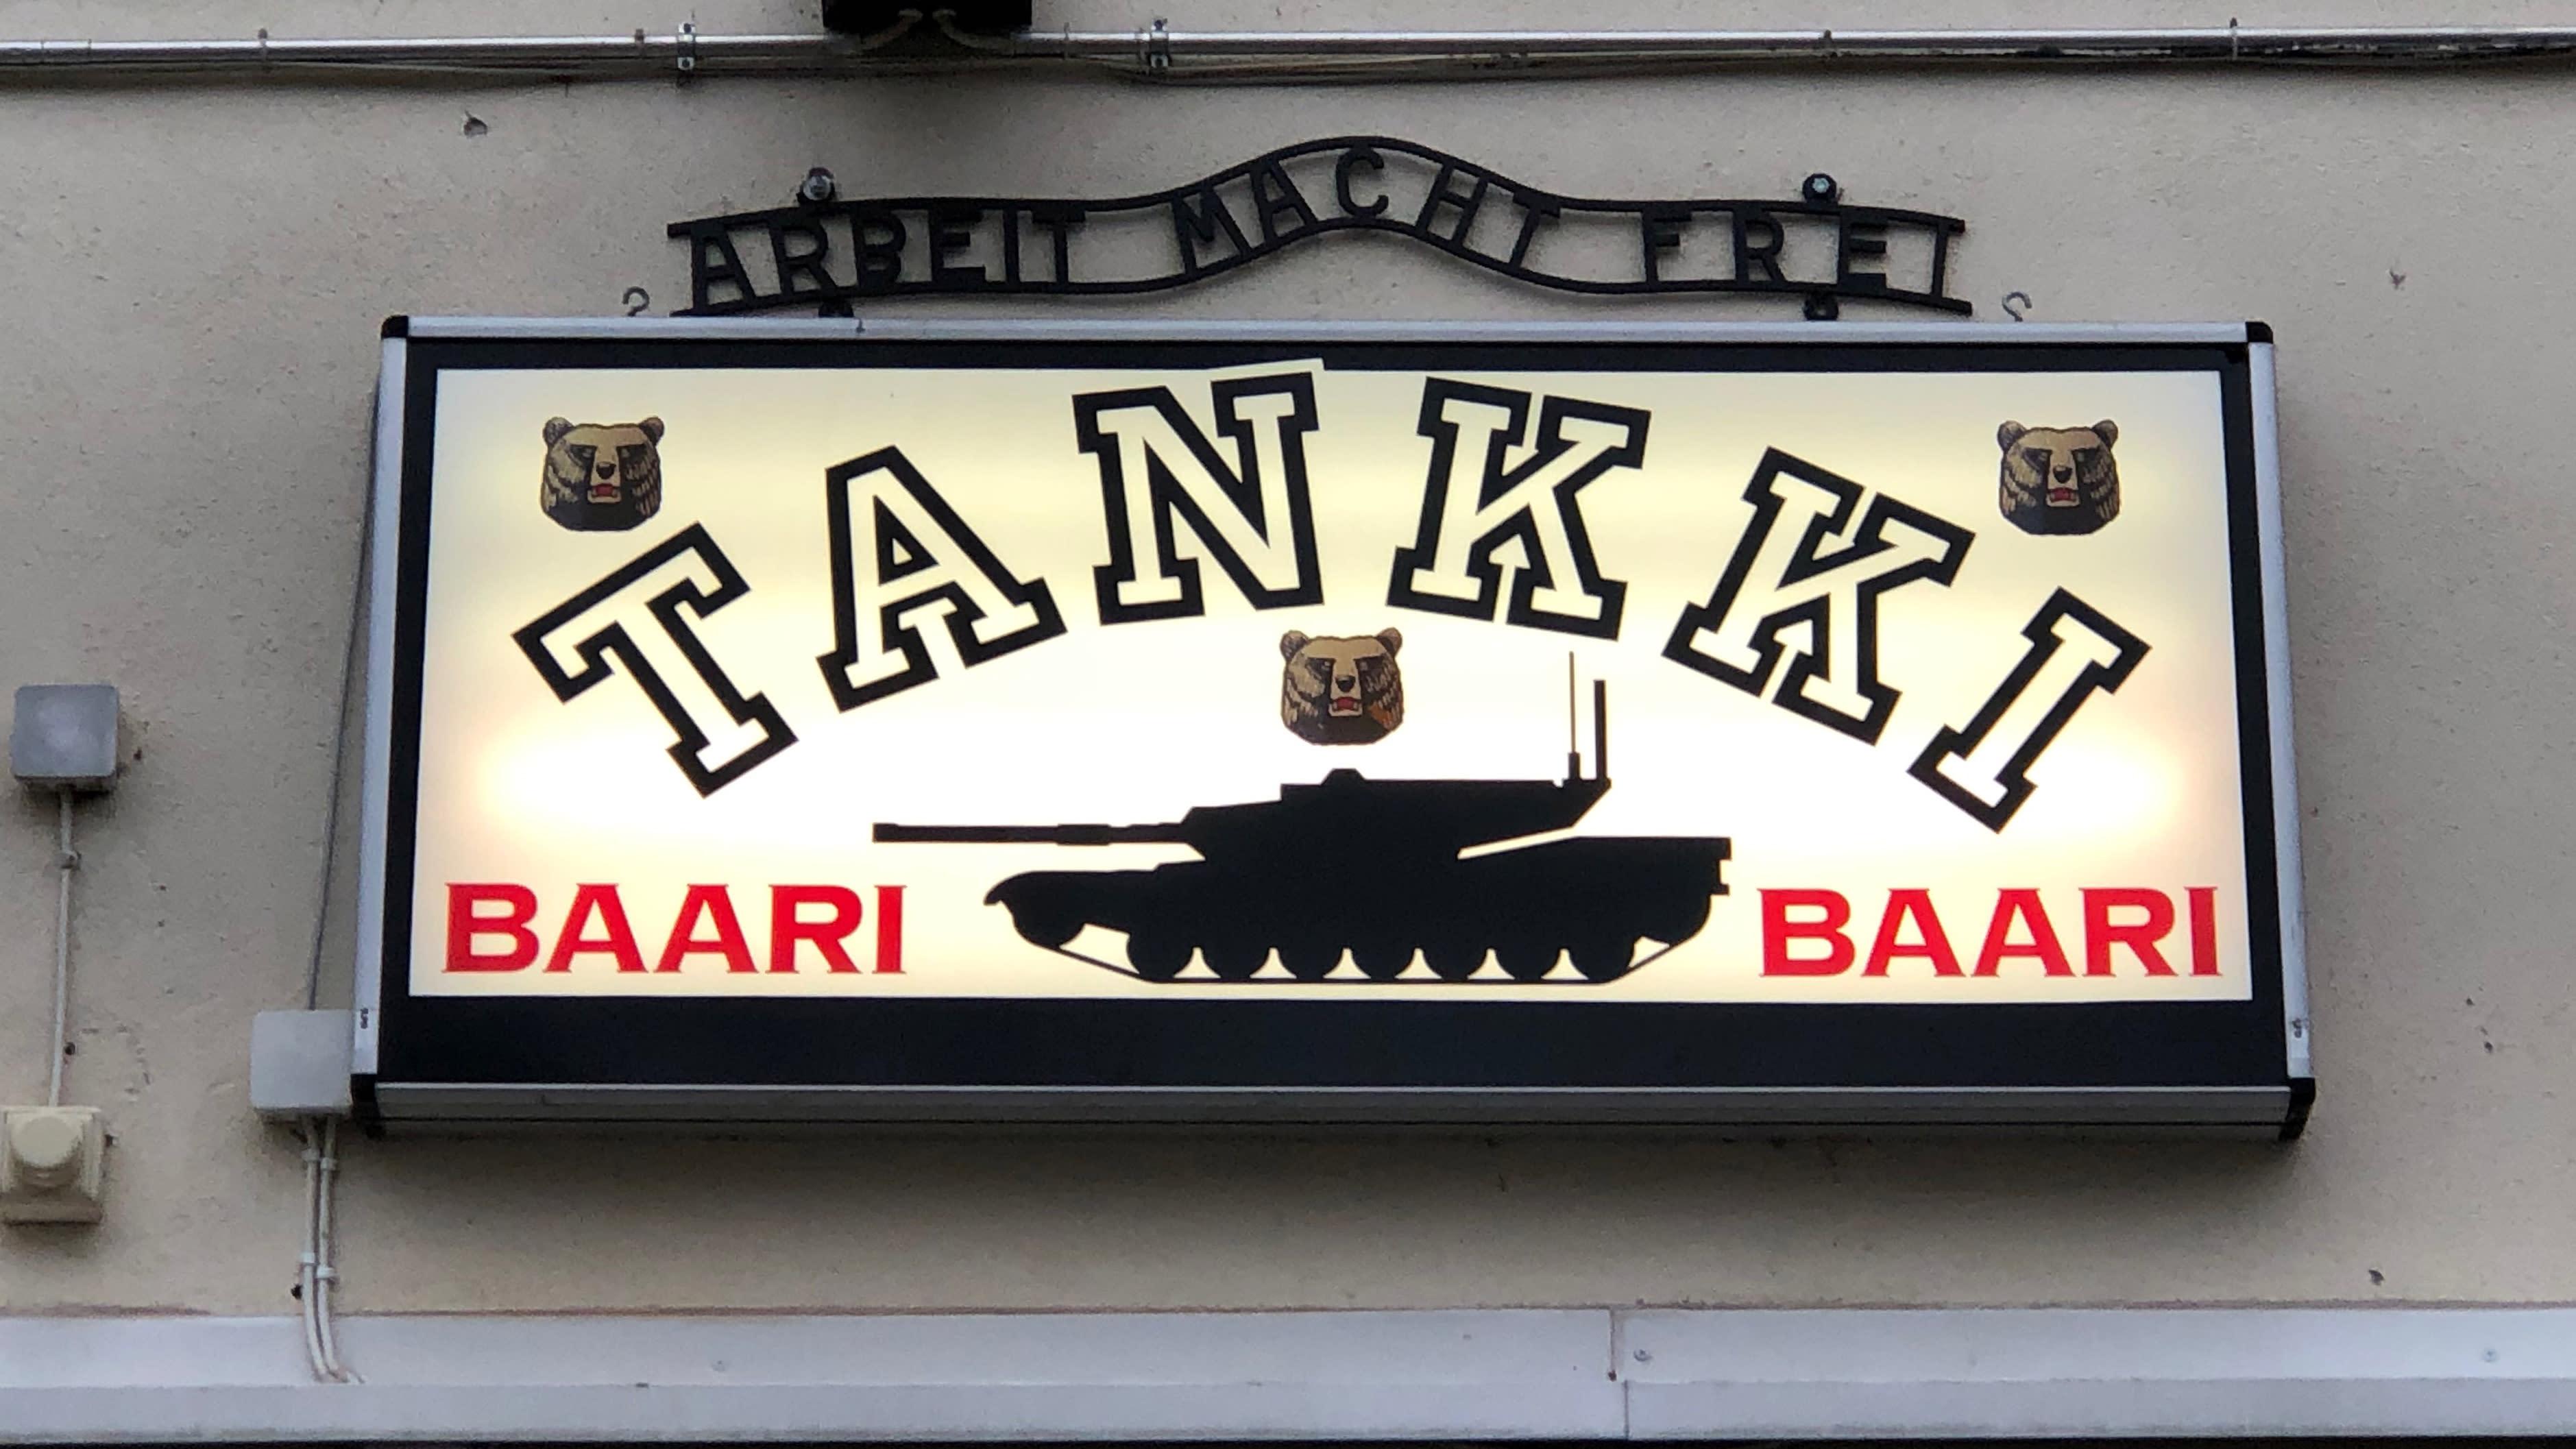 Lappilan Tankki-baari